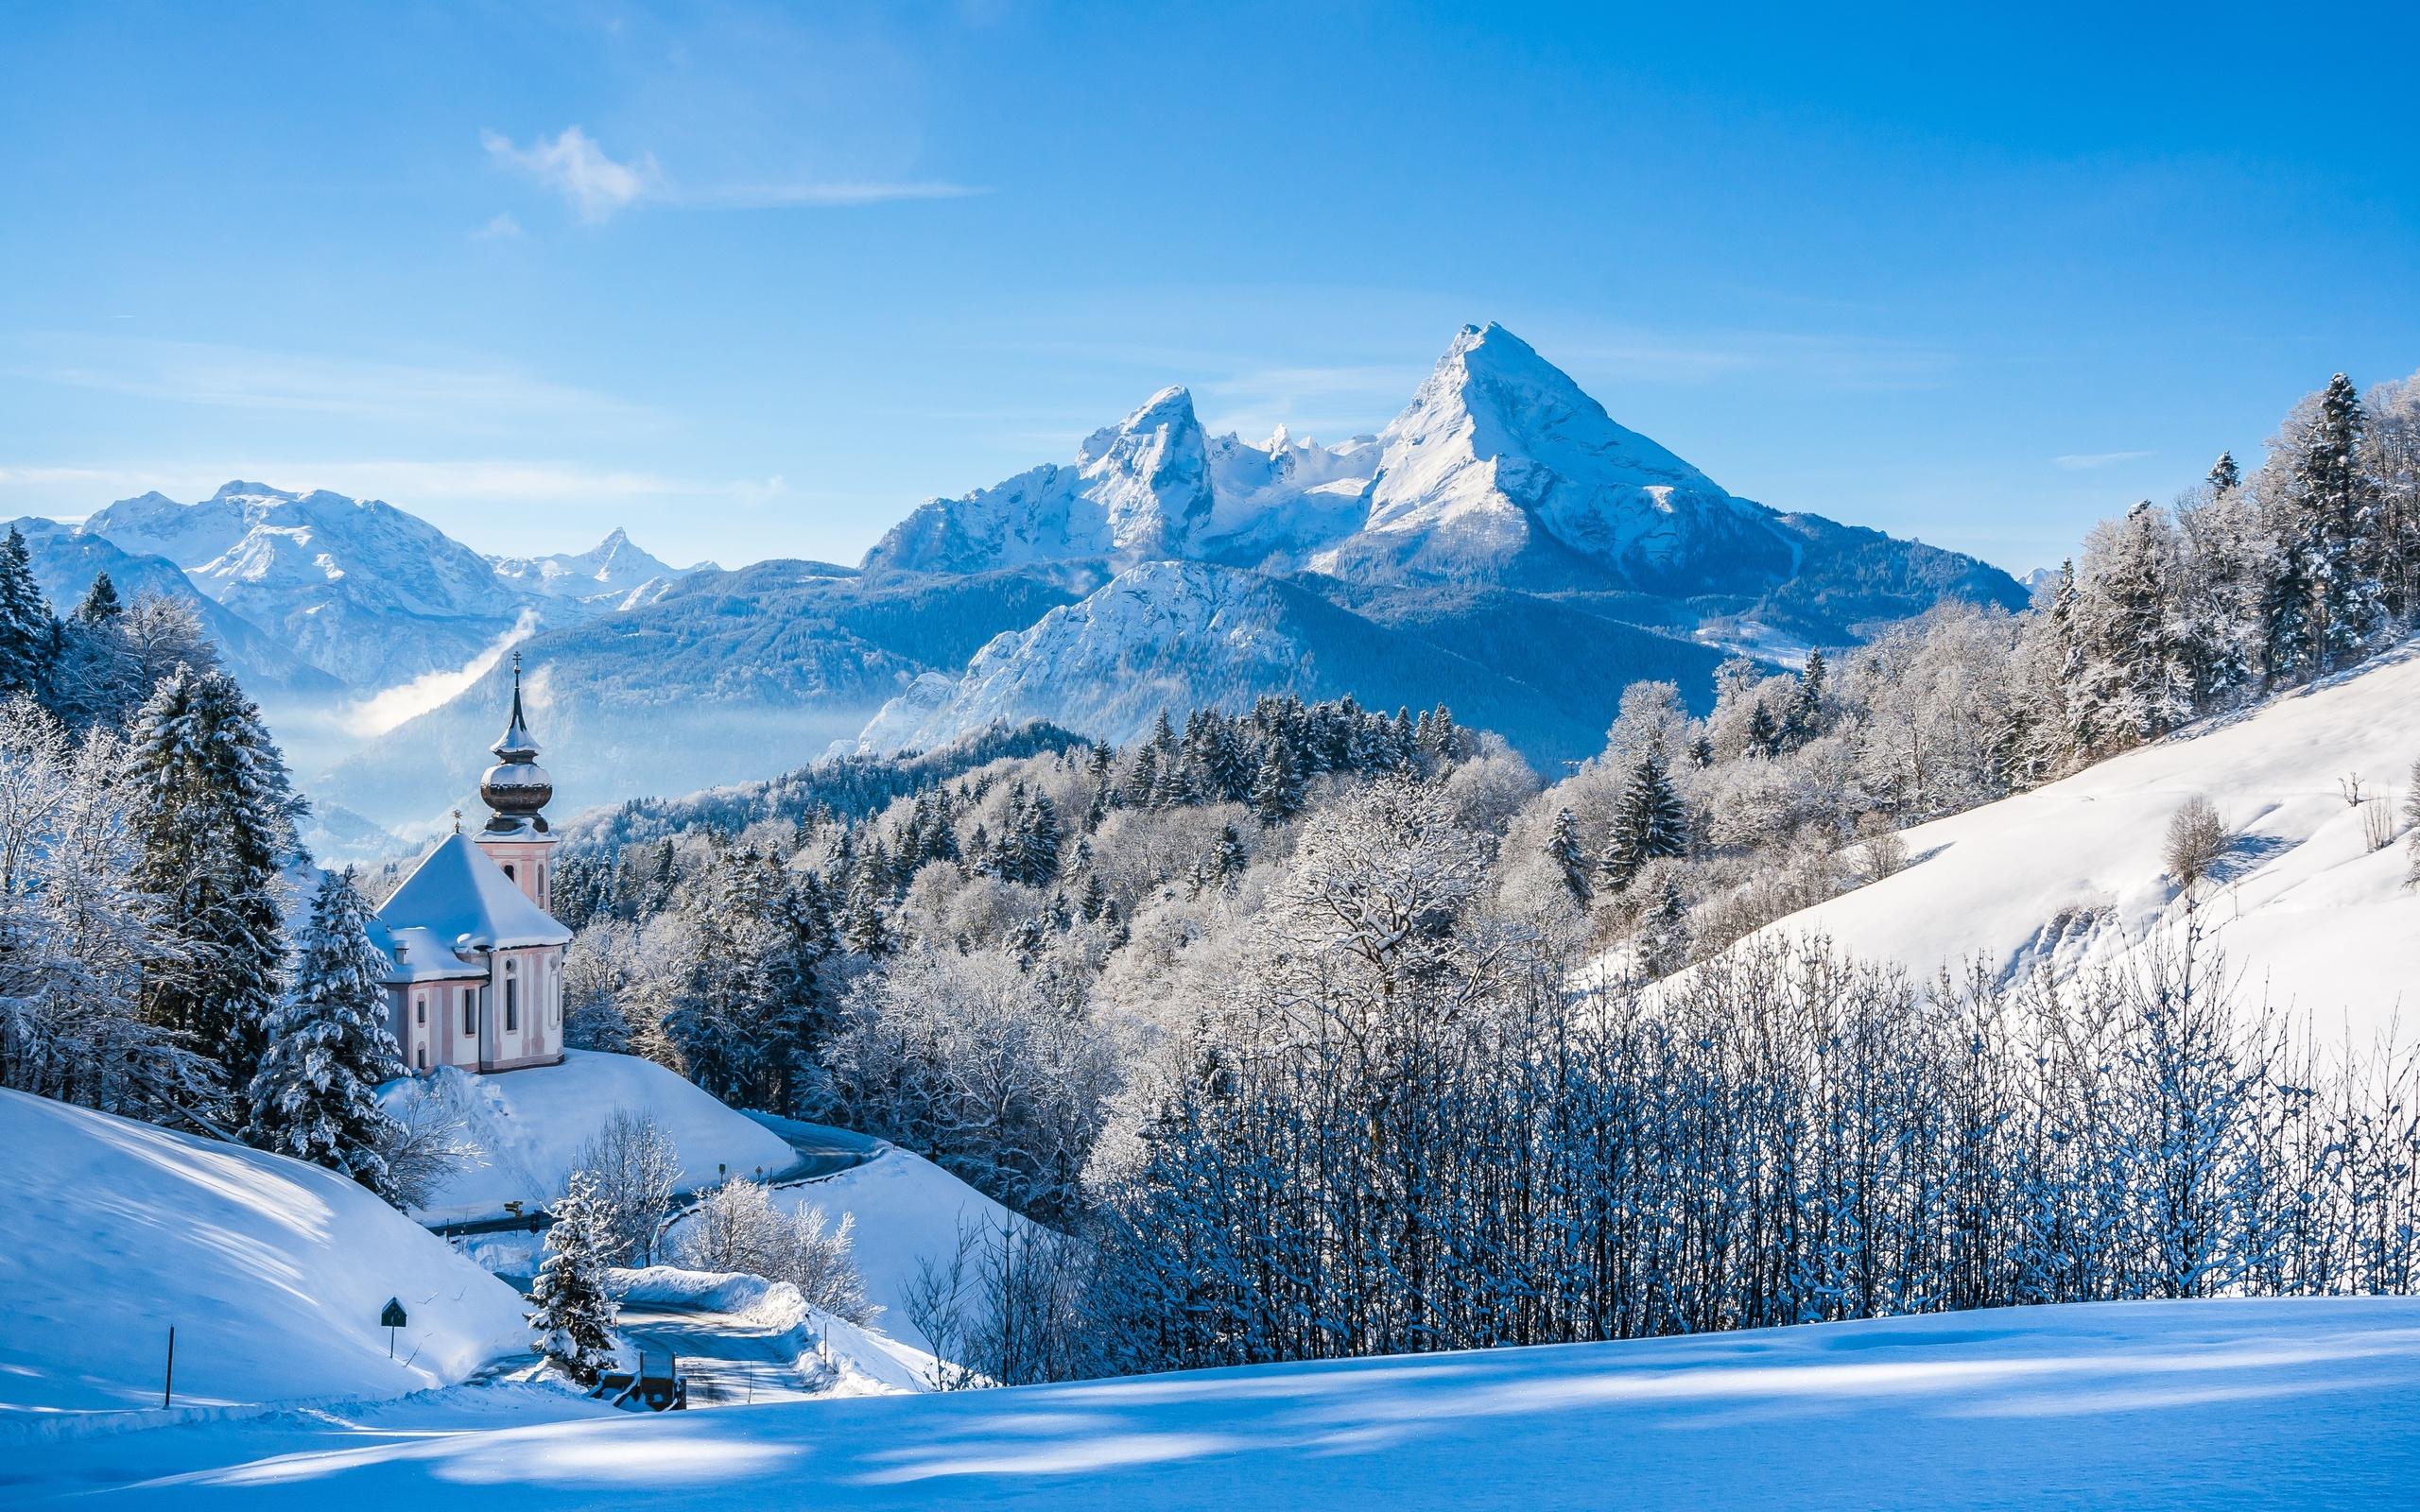 Конфетами картинки, альпы картинки зима